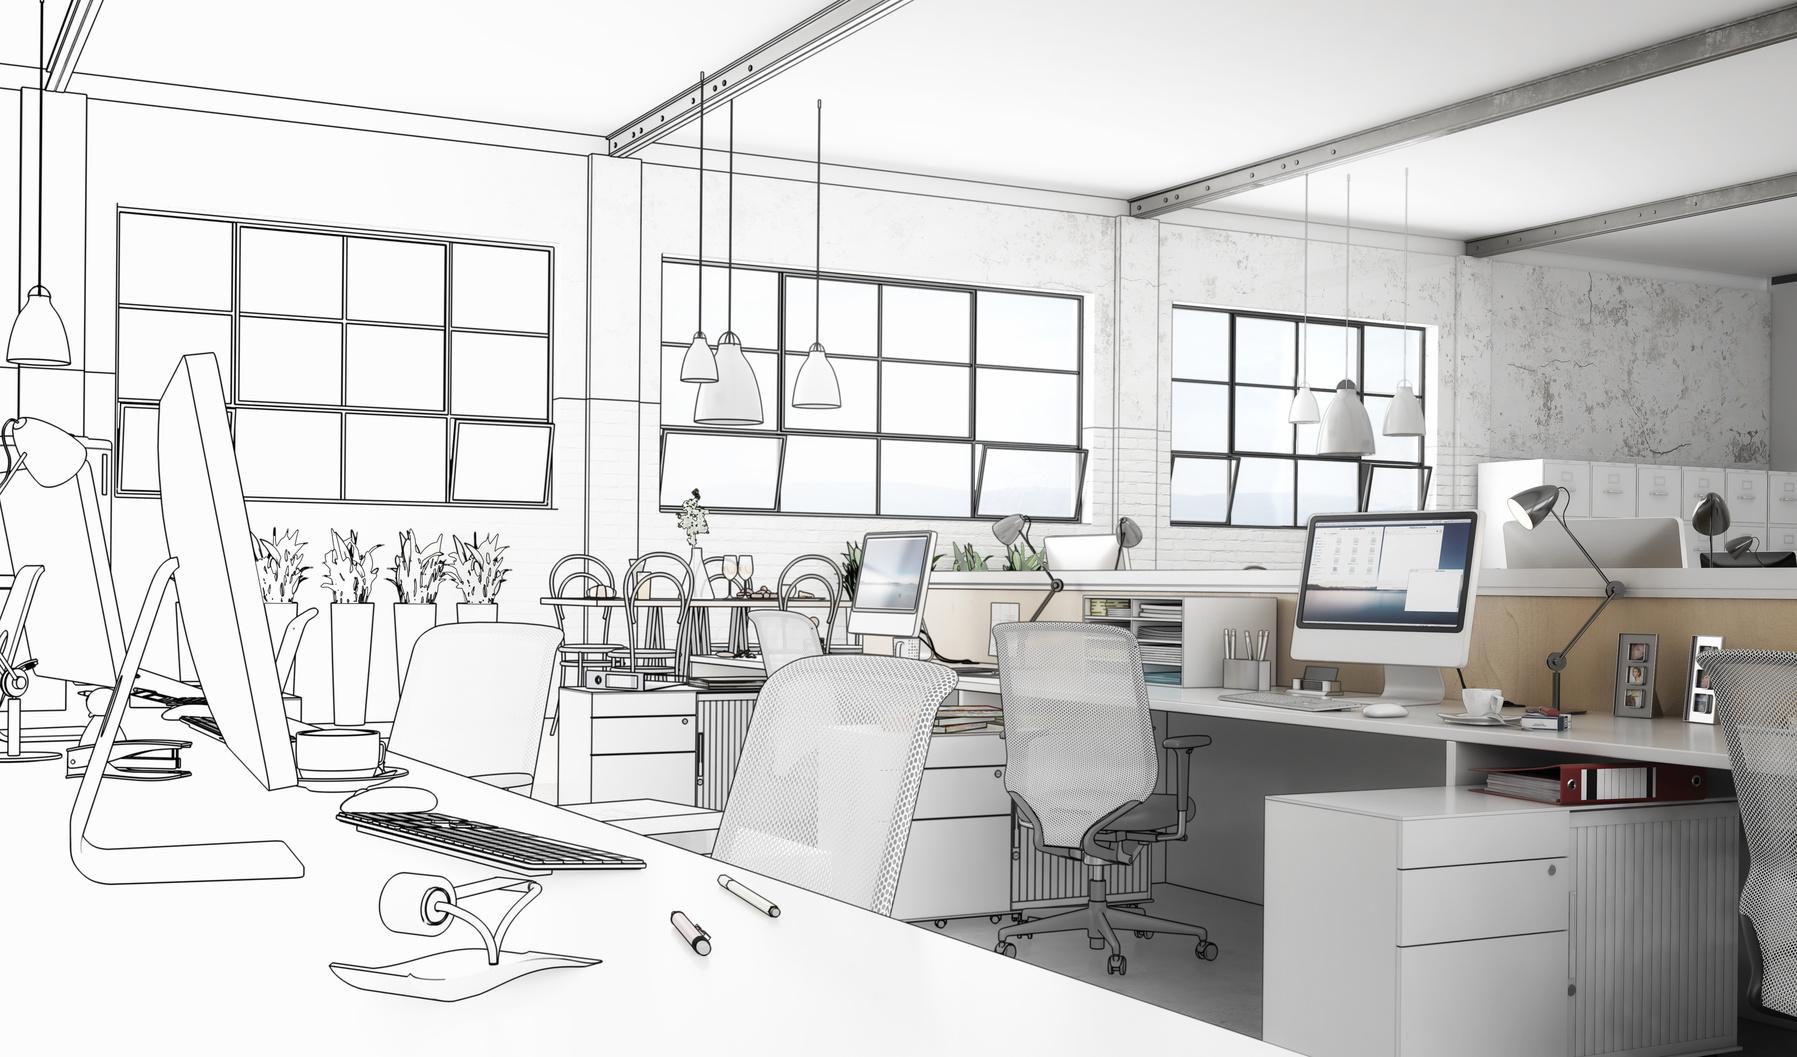 Büroeinrichtung planen  Büro planen lassen: Gute Gründe einen Profi zu beauftragen ...